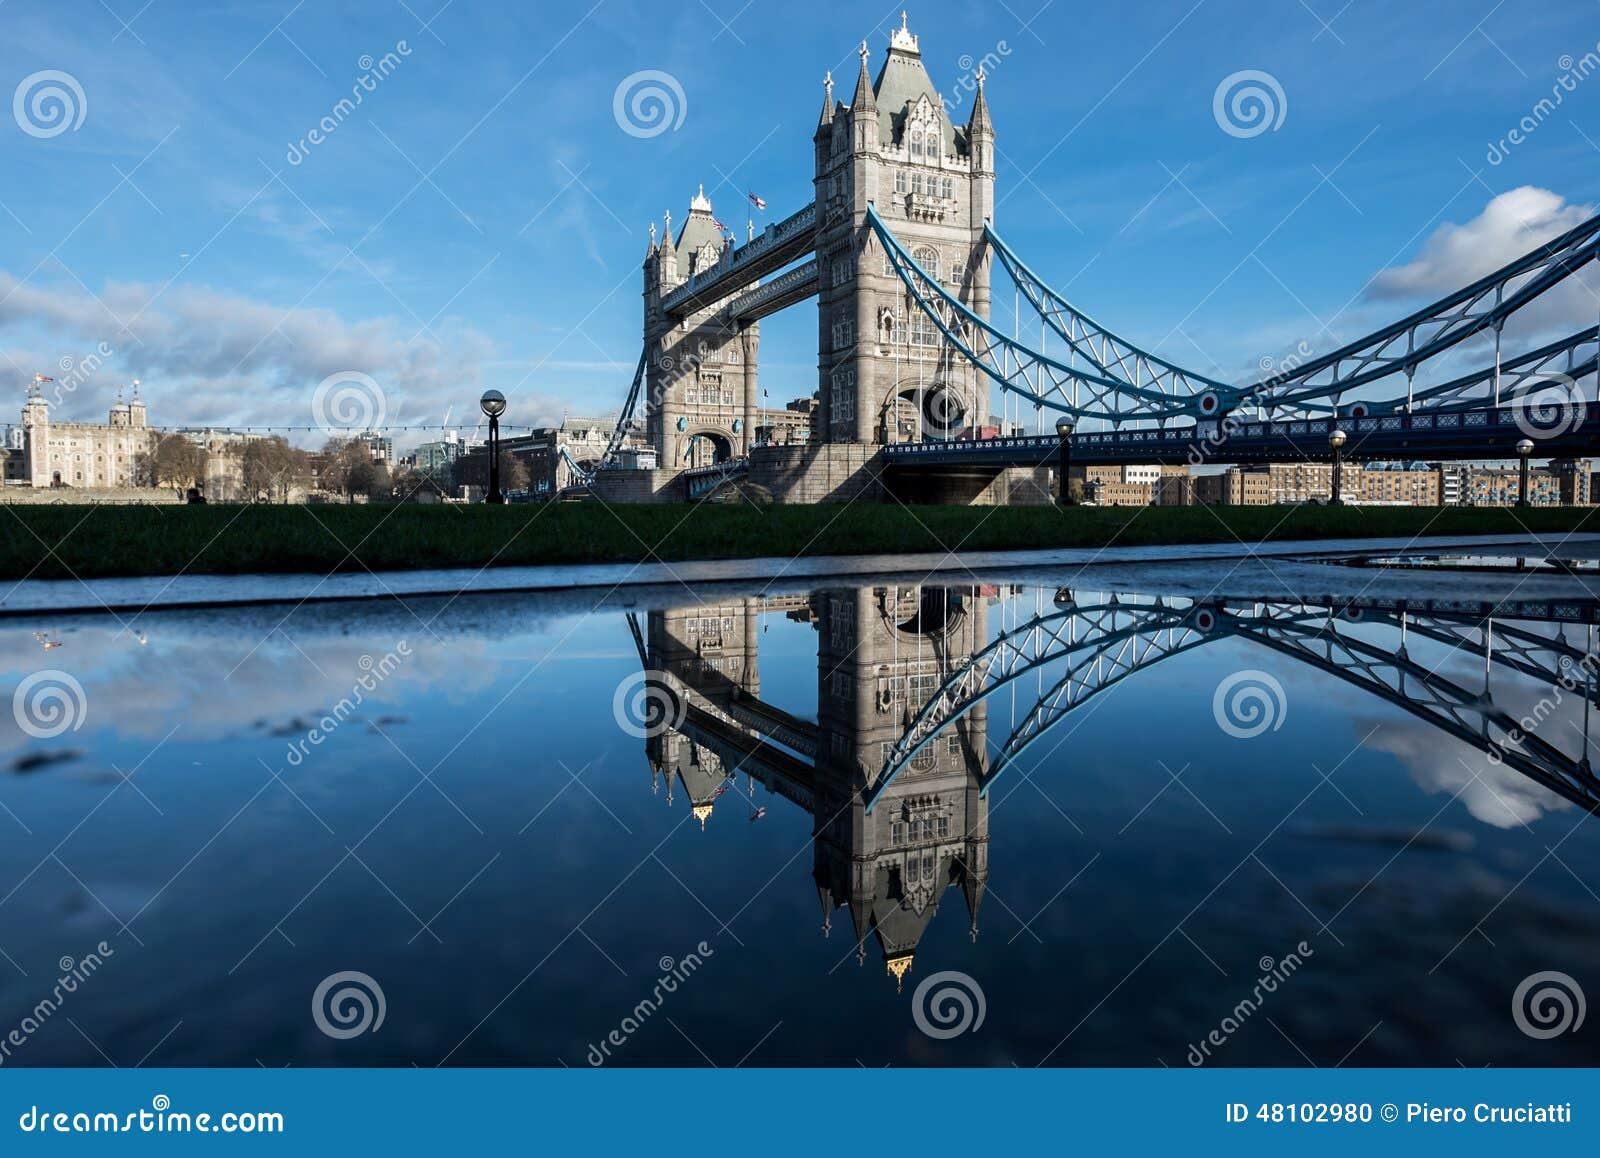 London - tornbro reflekterad i en regnpöl